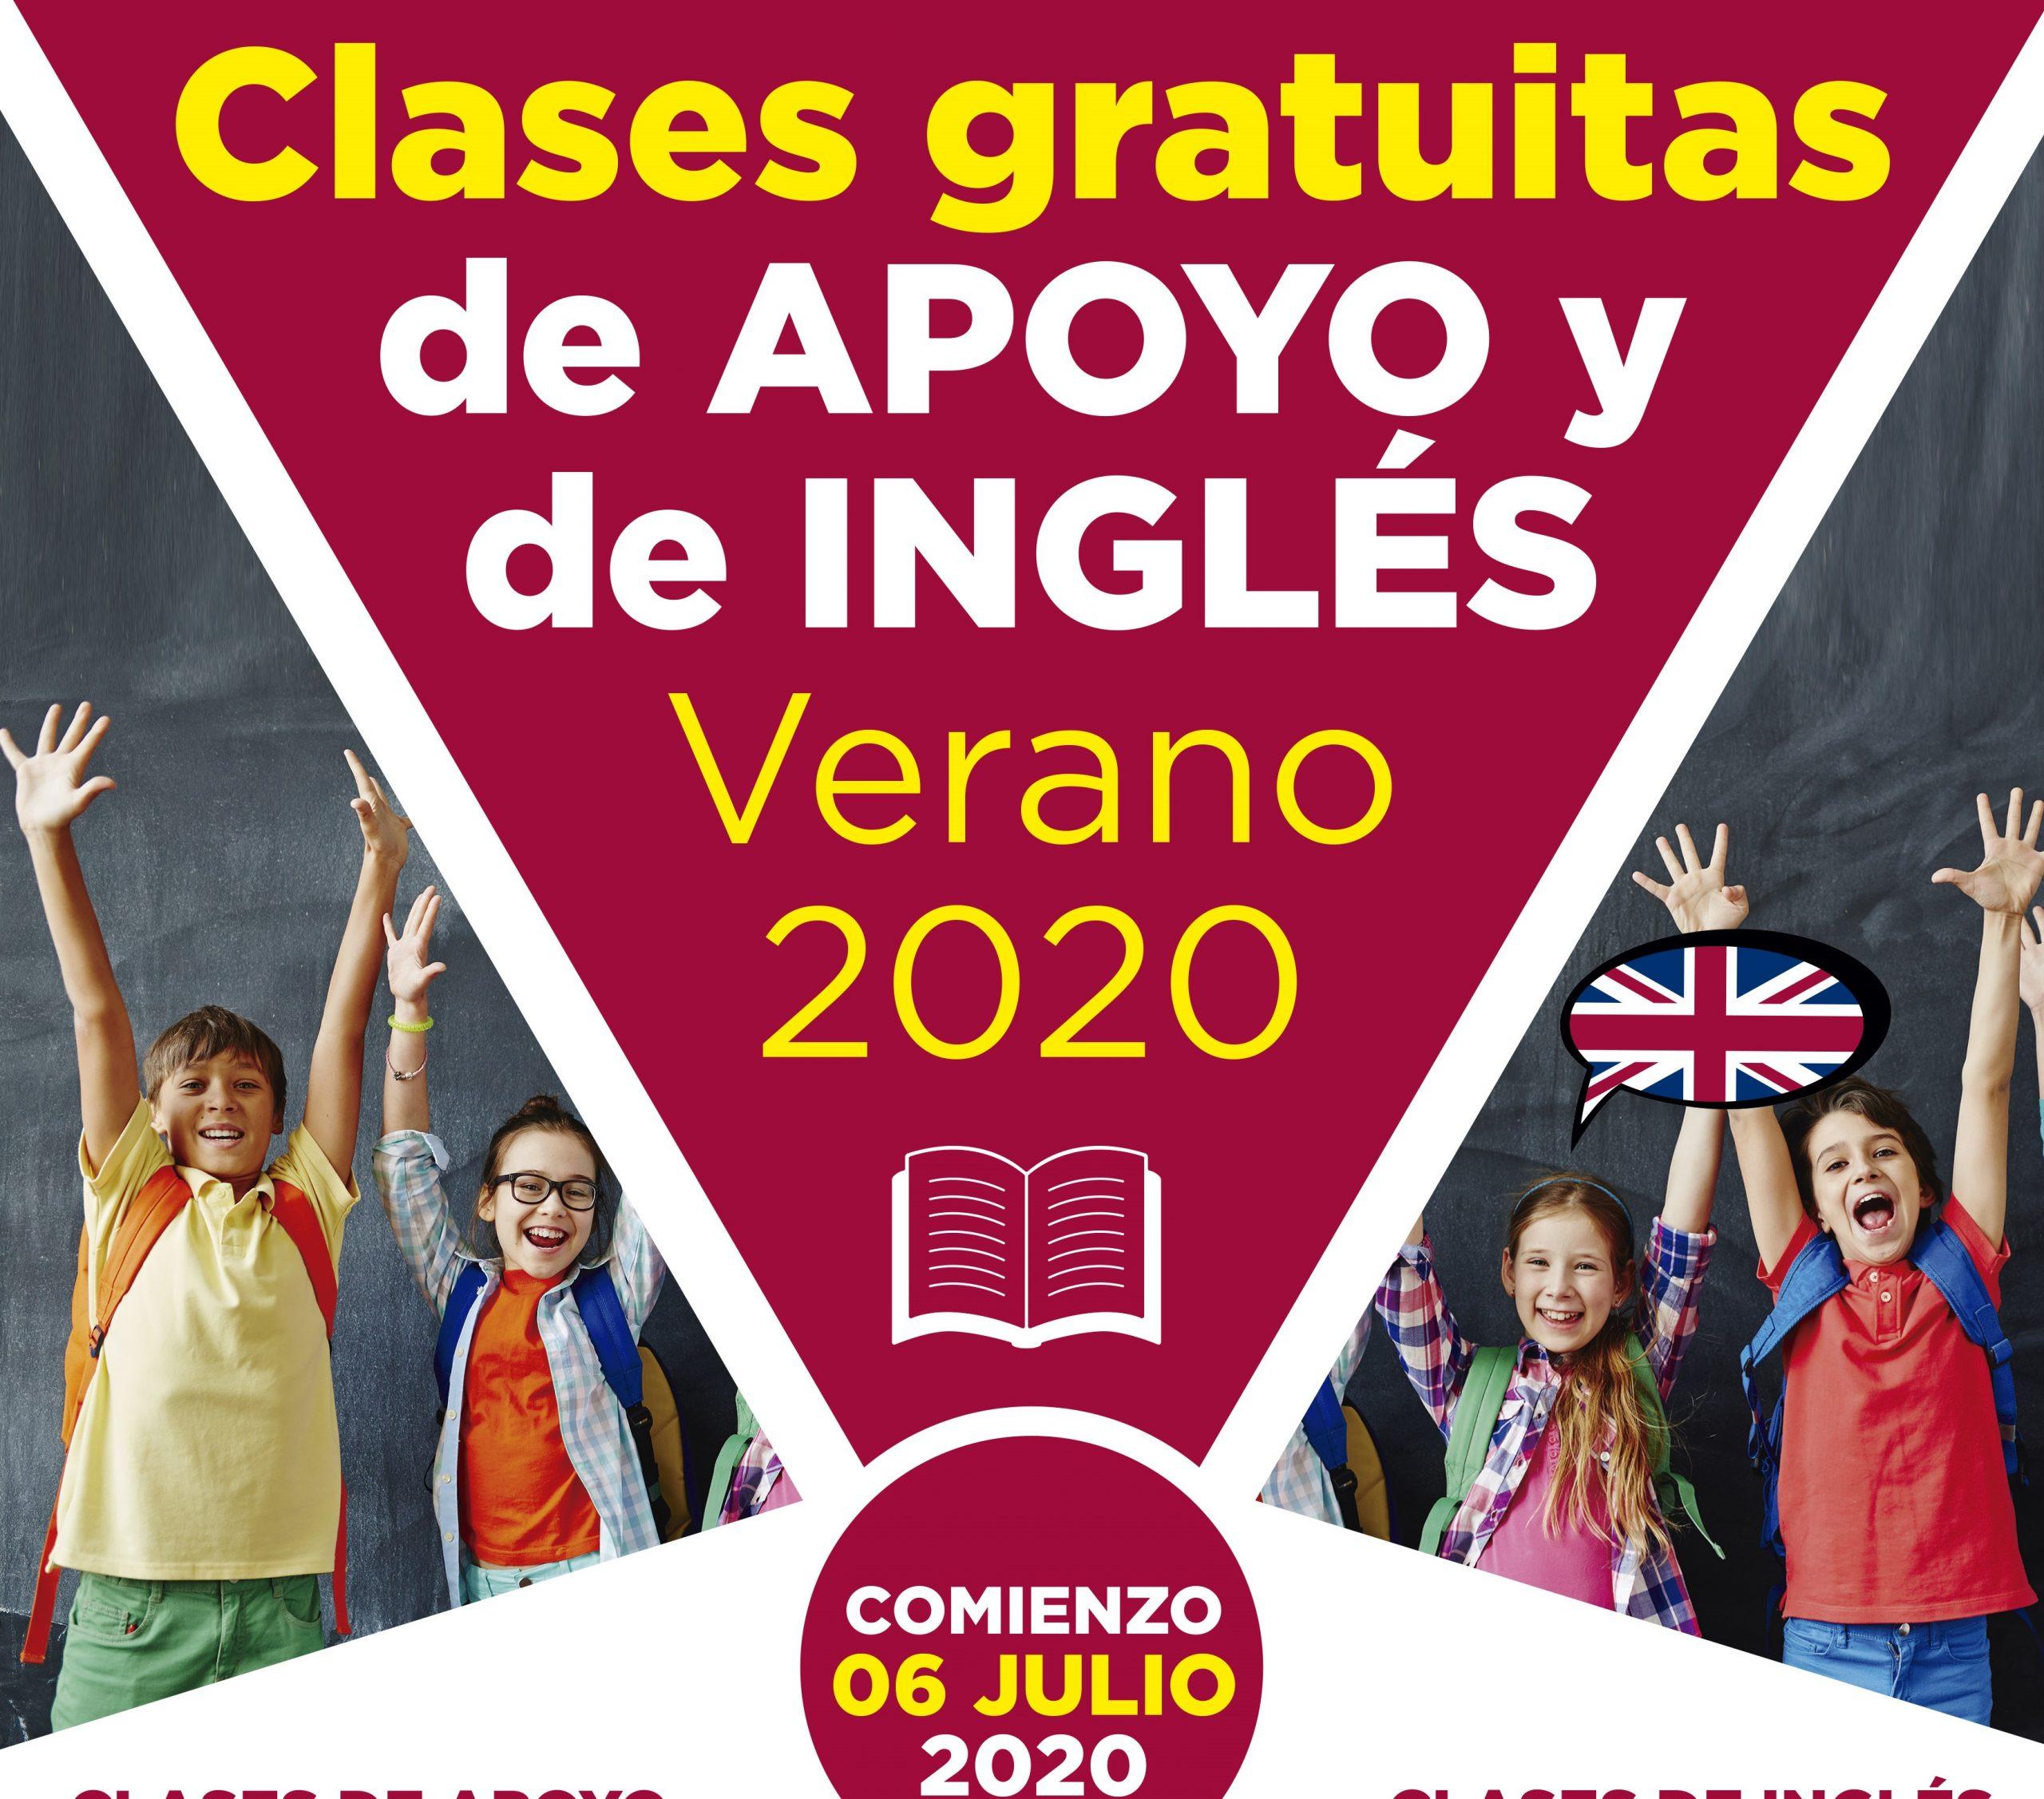 Yaiza ofrece en verano clases gratuitas de inglés y de apoyo educativo